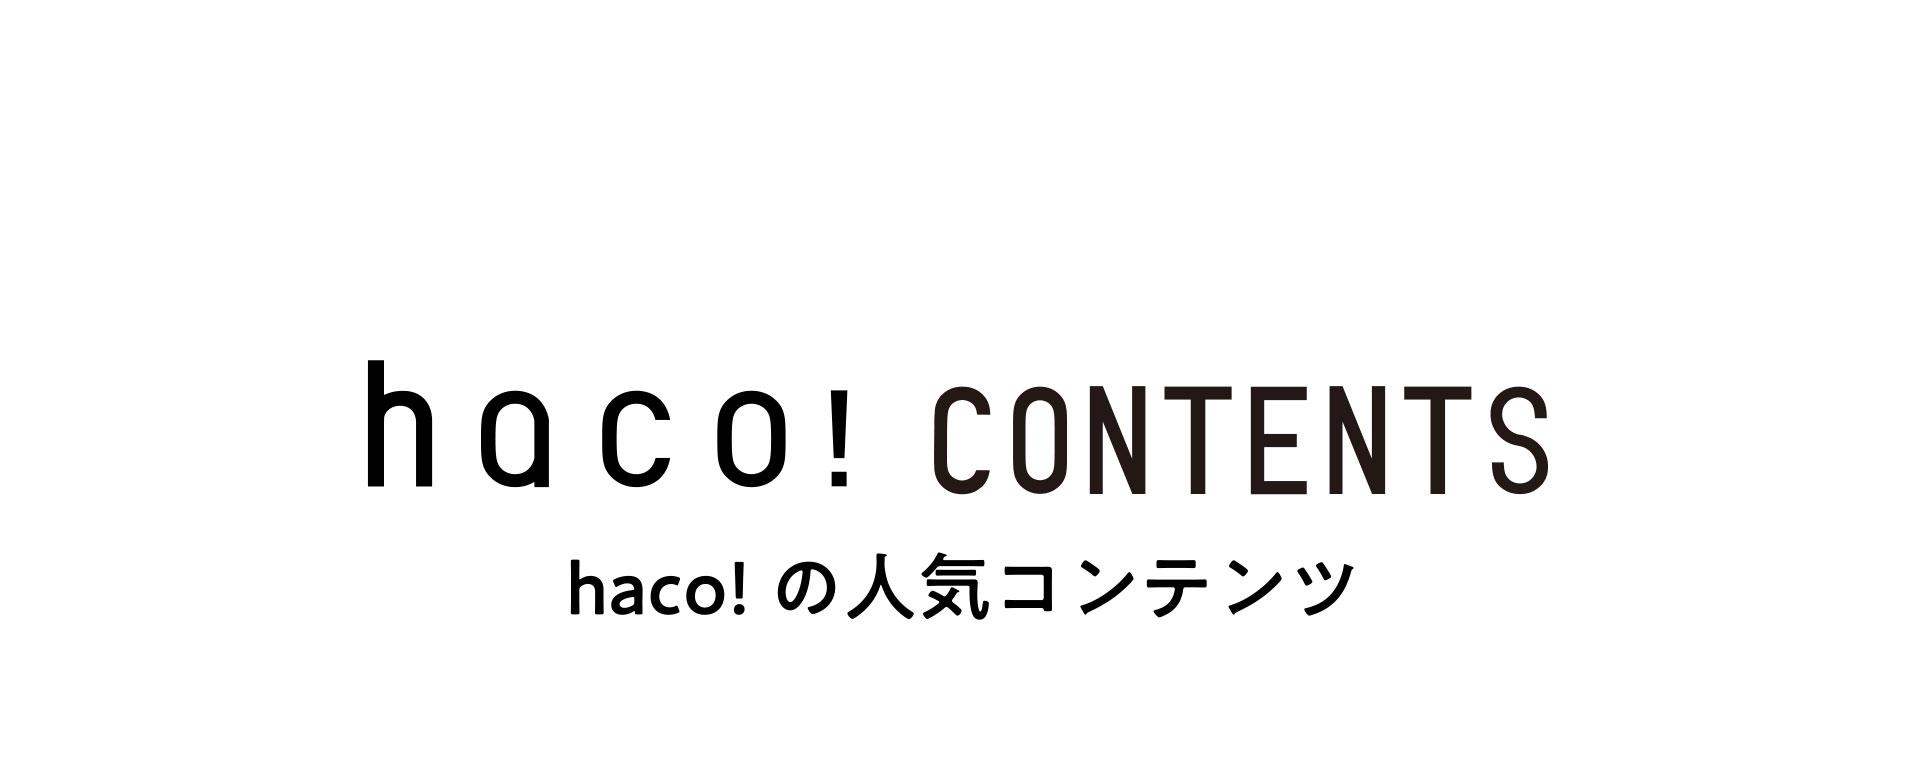 haco! CONTENTS haco!の人気コンテンツ